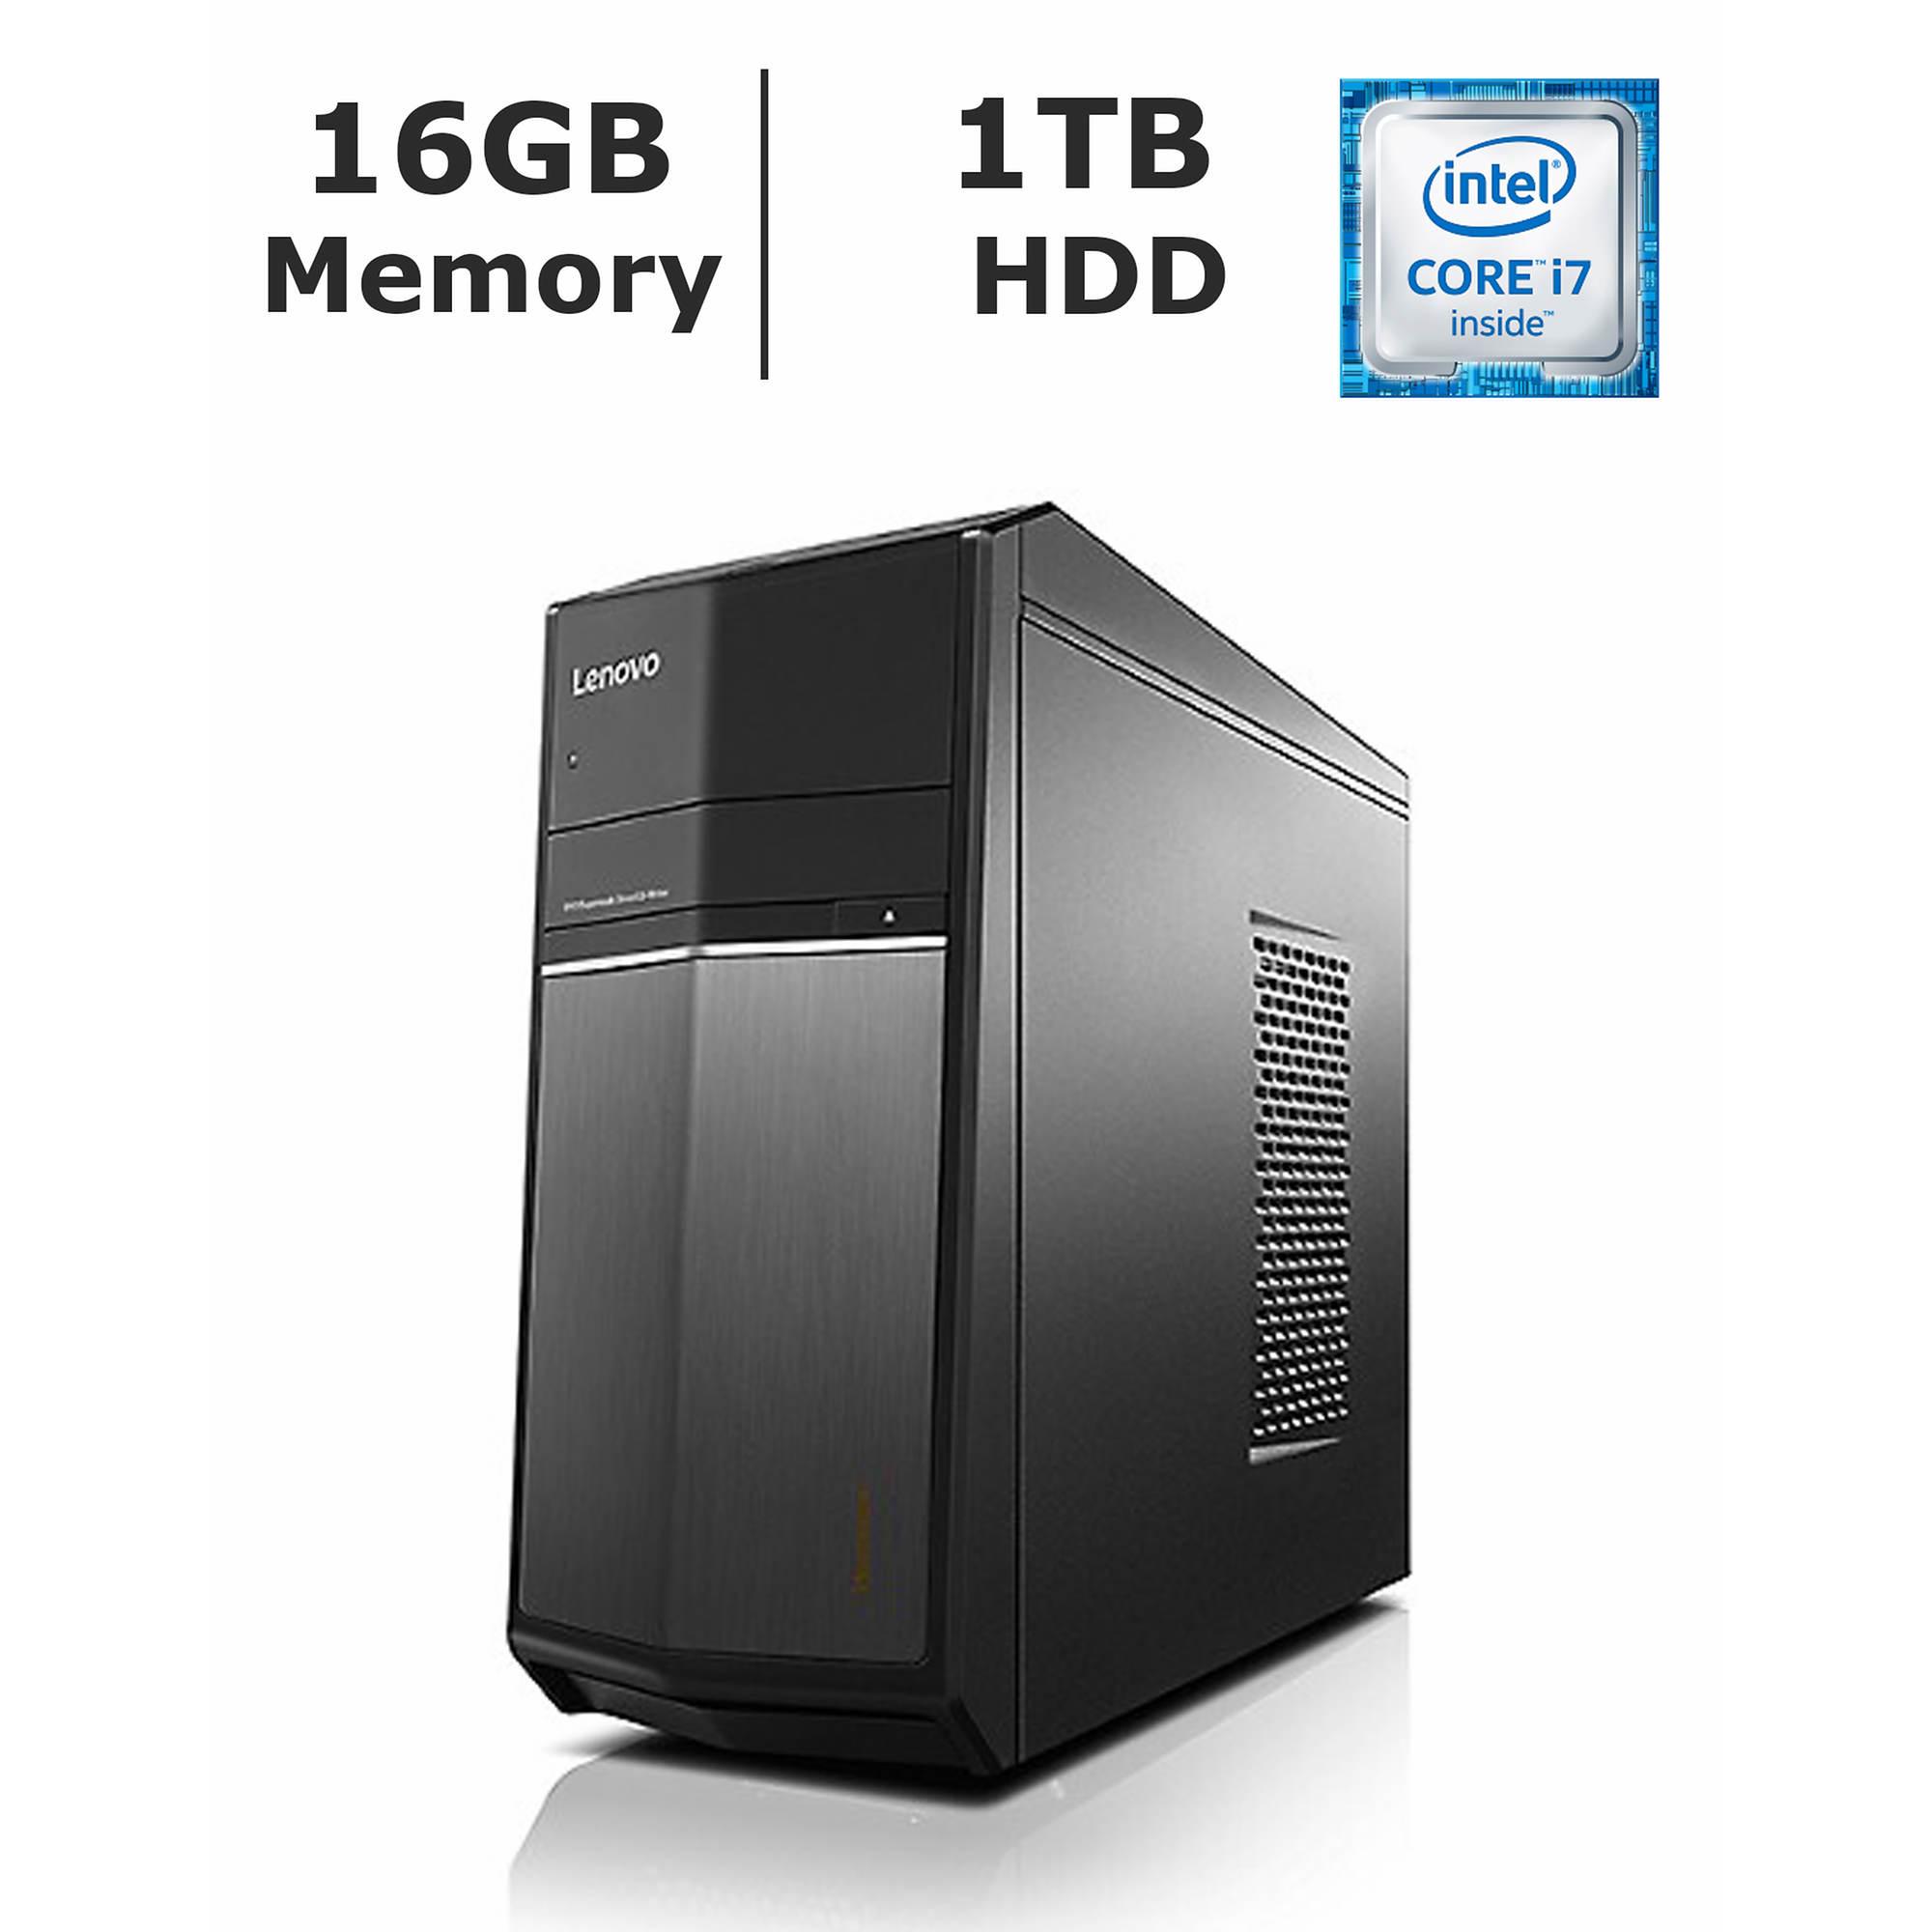 Lenovo IdeaCentre 710 Desktop with Intel Core i7-6700 / 16GB / 1TB / Win 10 / 2GB Video